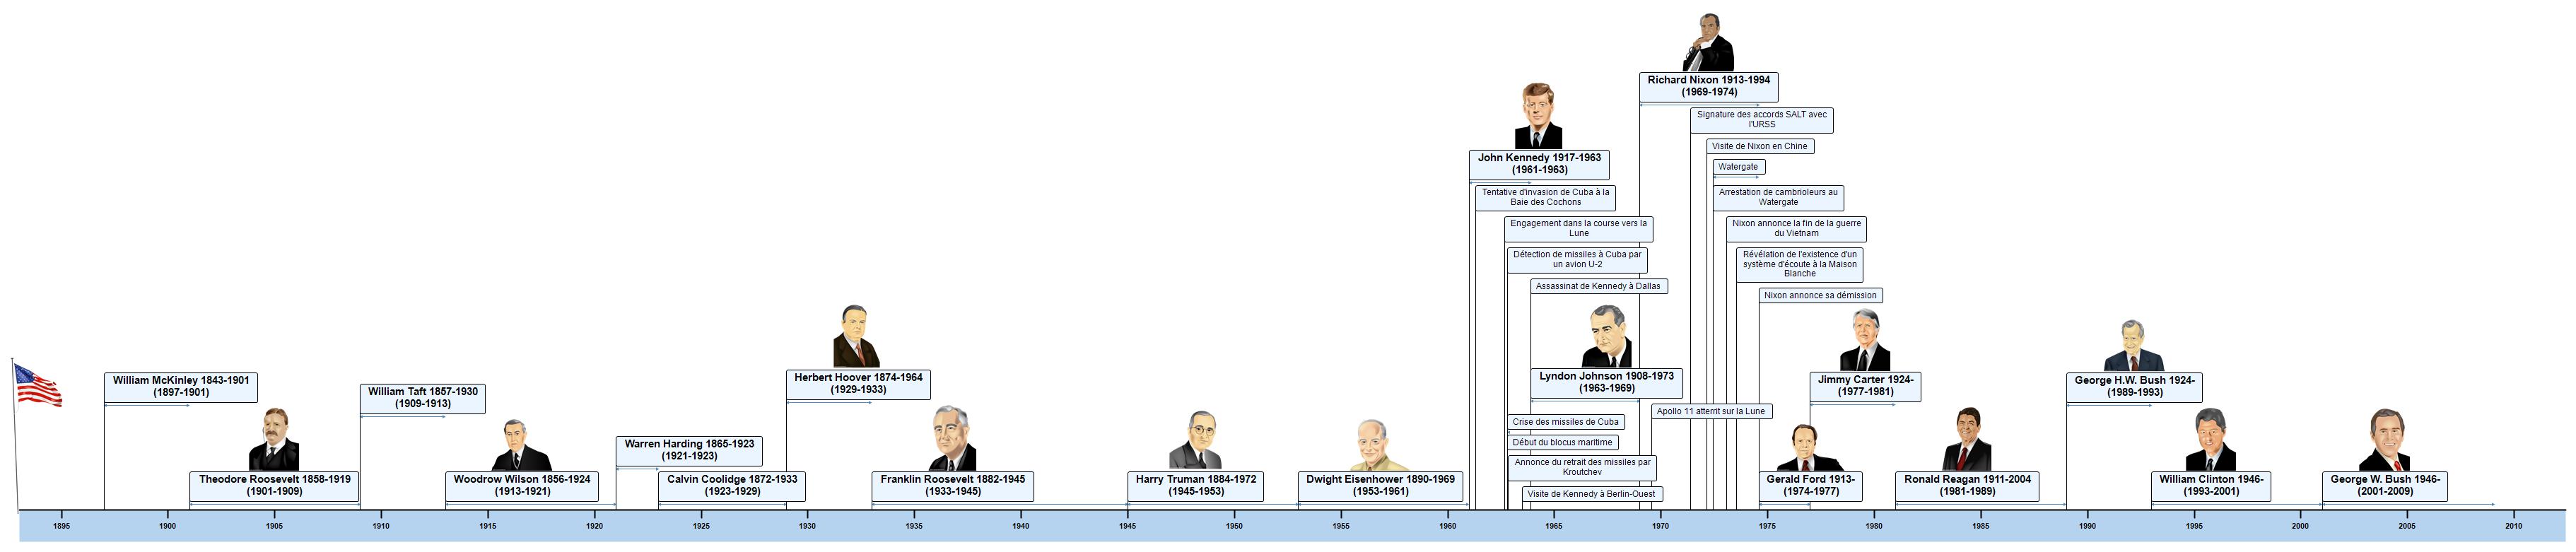 Présidents des Etats-Unis (1900 - ) Ligne de temps